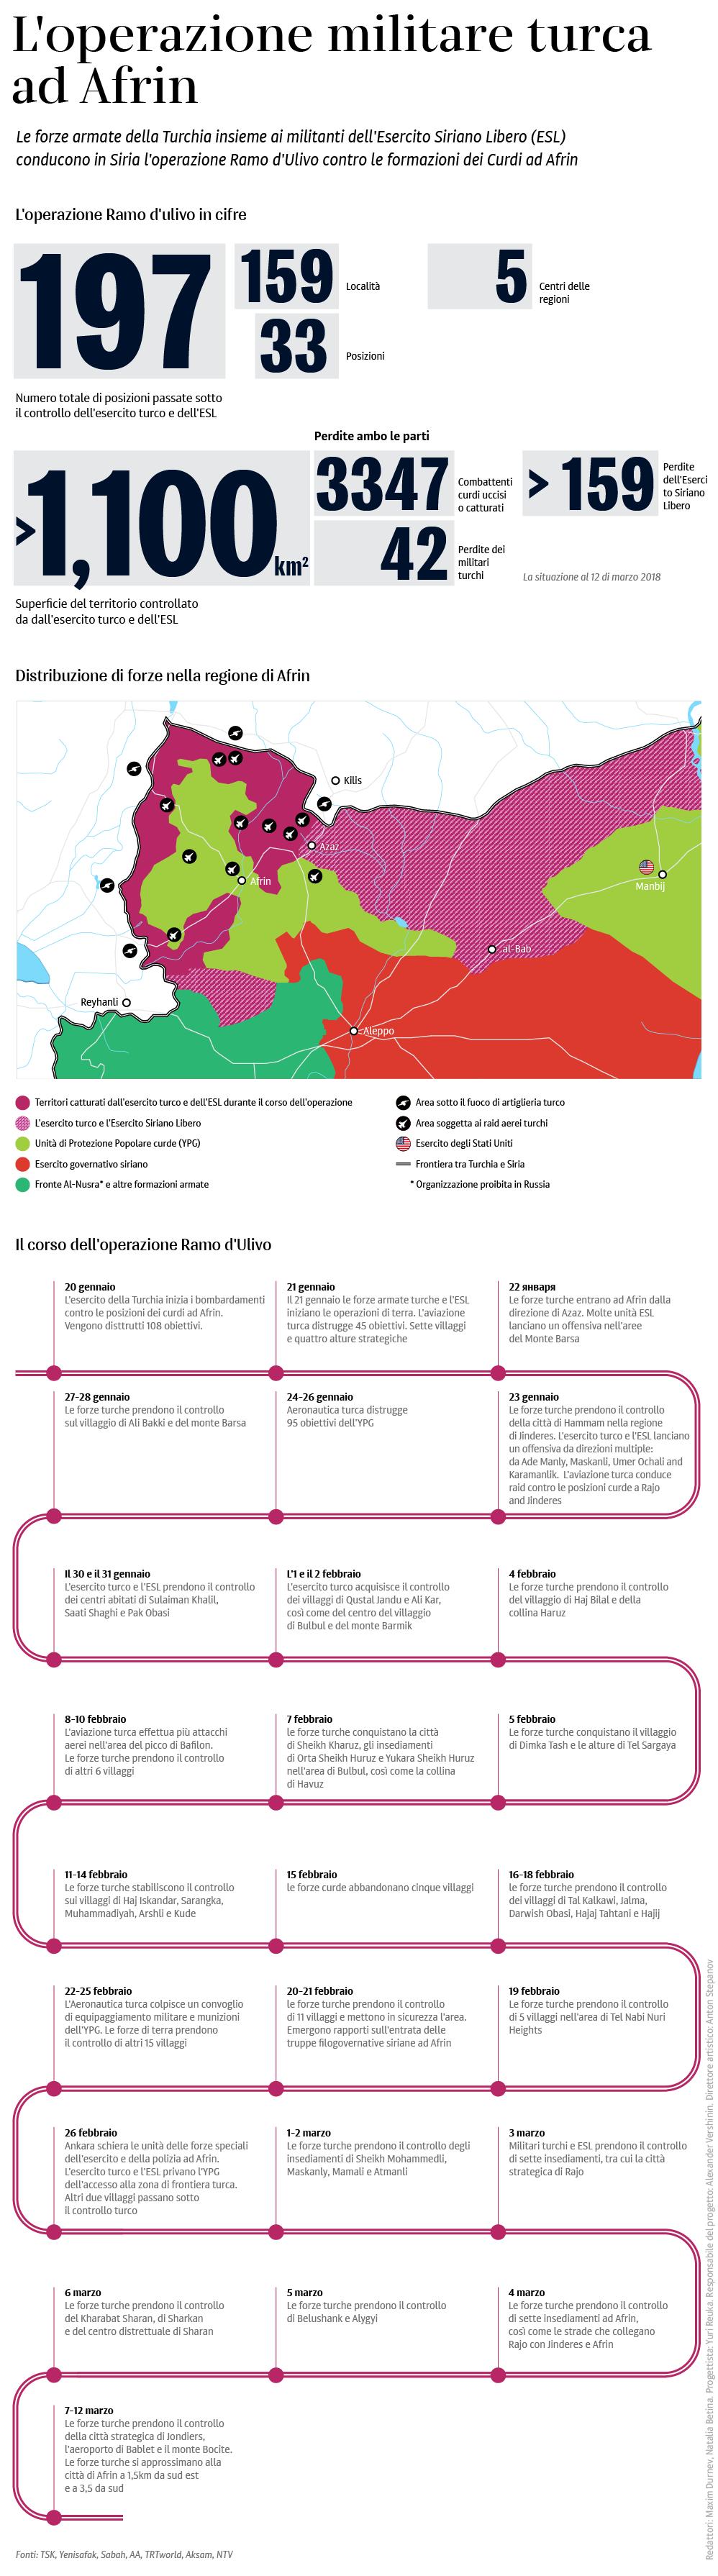 L'operazione militare turca ad Afrin - Sputnik Italia